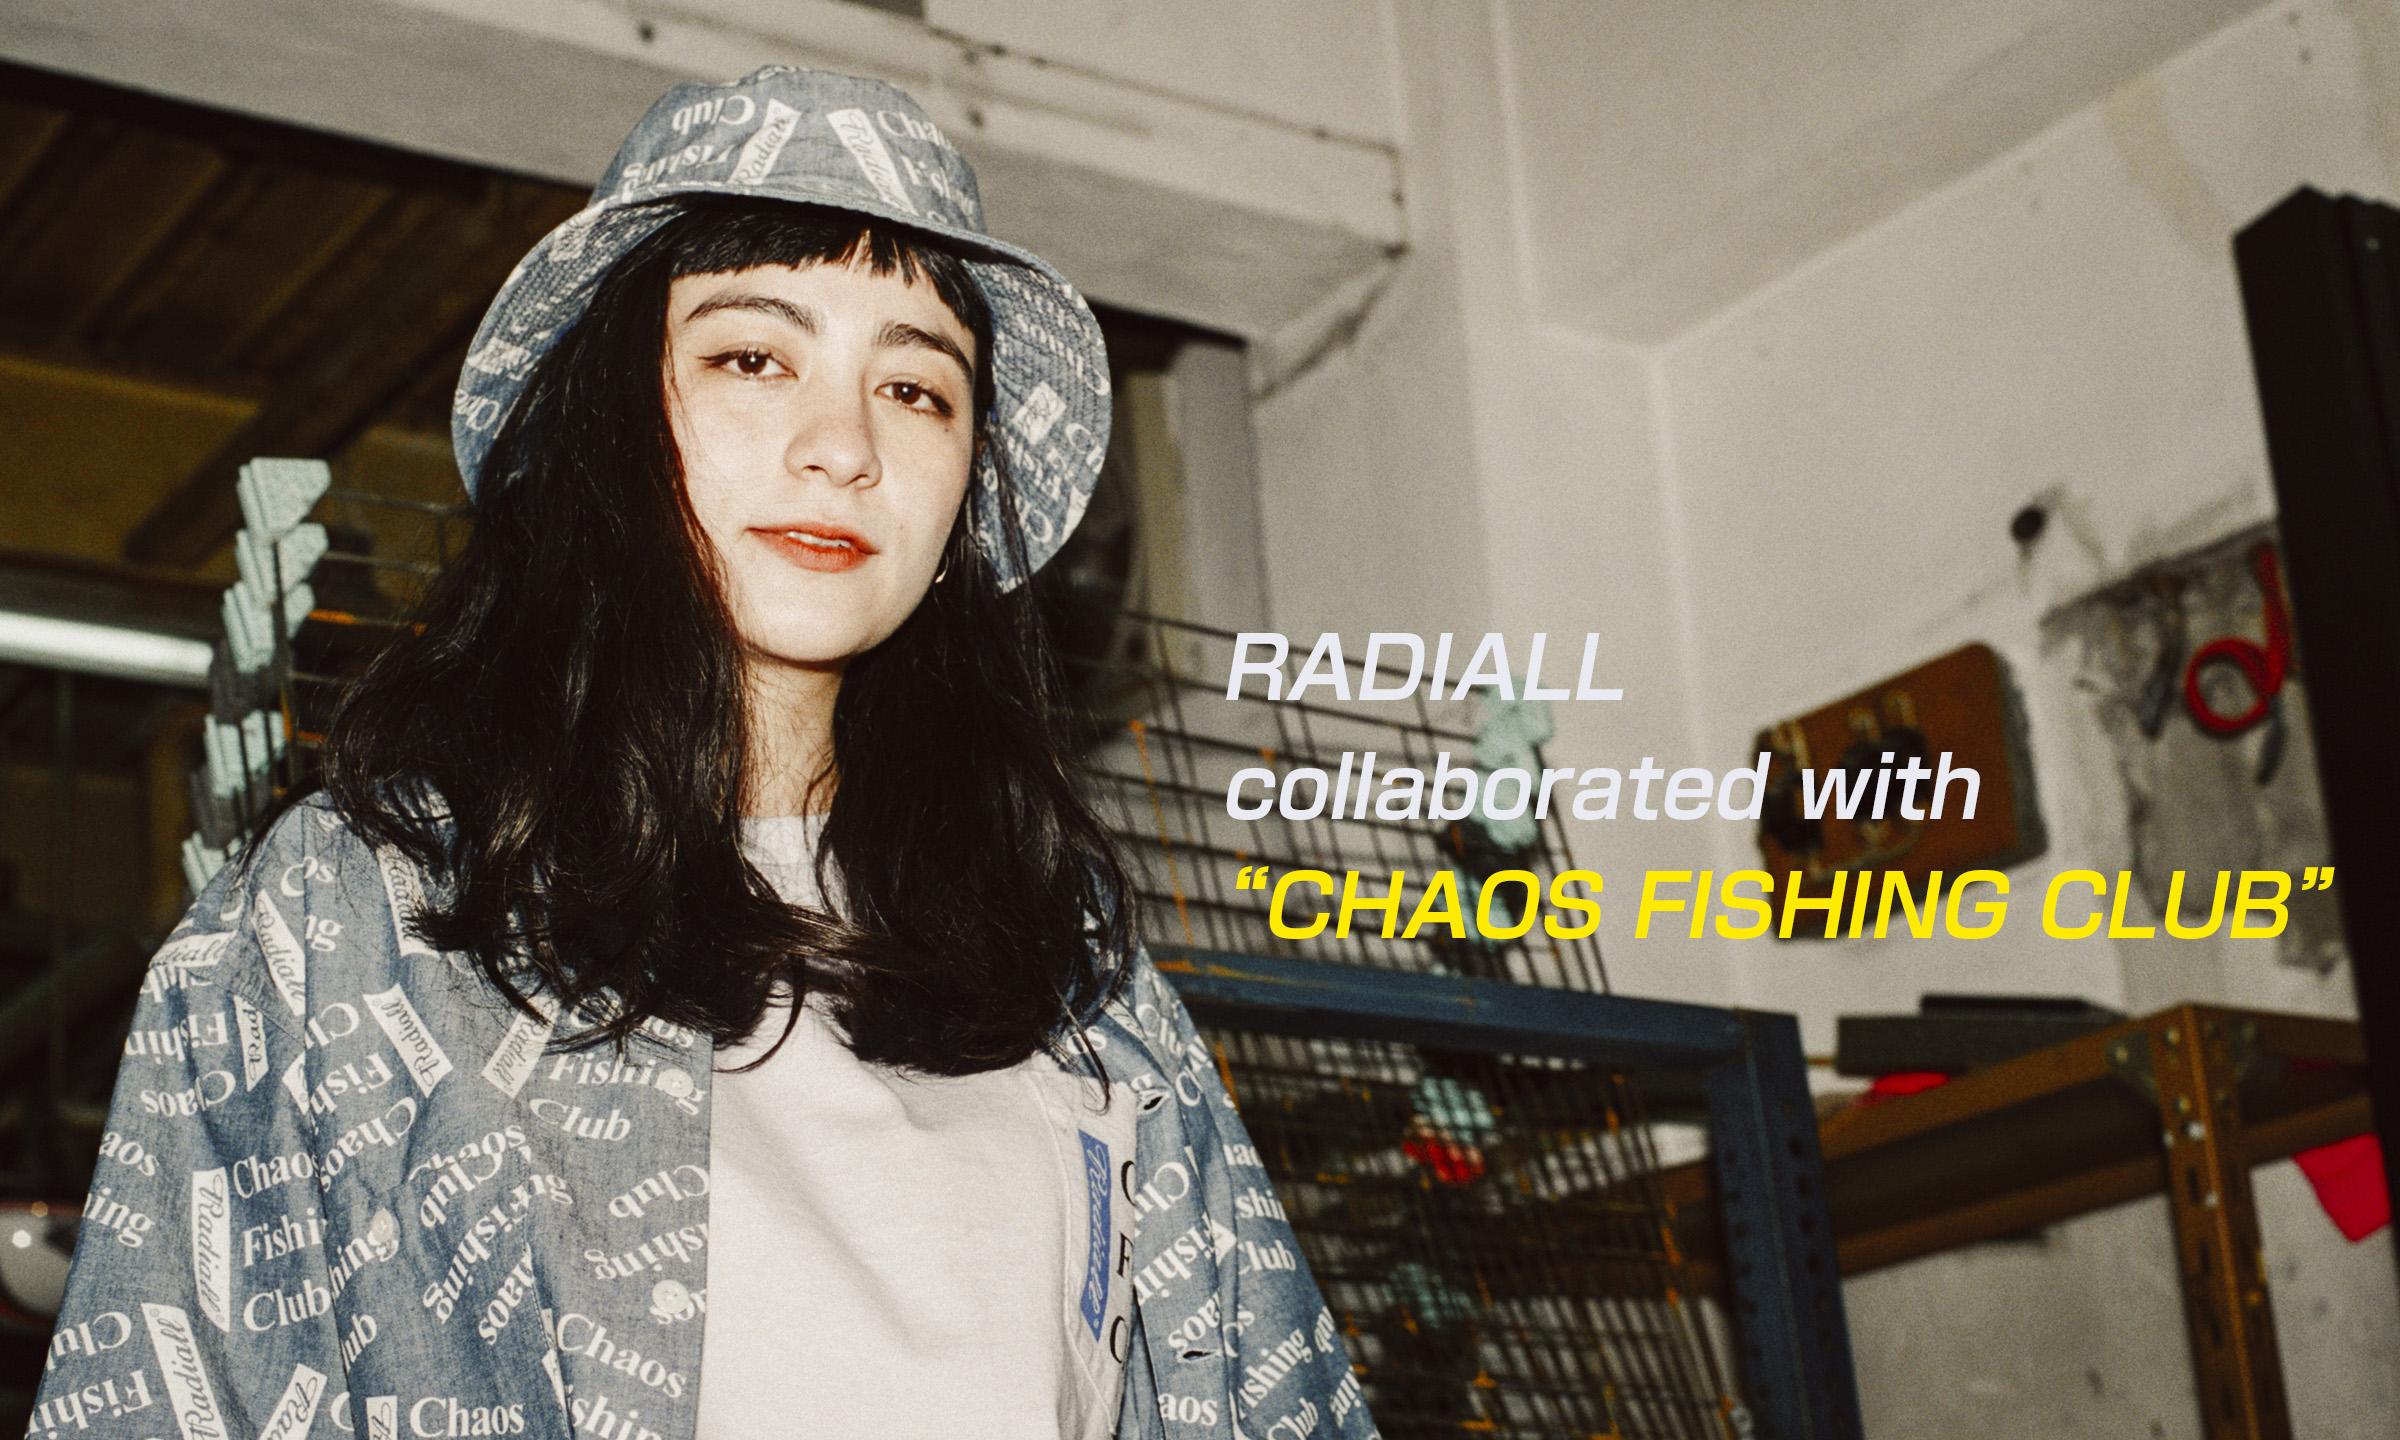 ストリートらしい注目のコラボレーション! 「RADIALL + CHAOS FISHING CLUB」